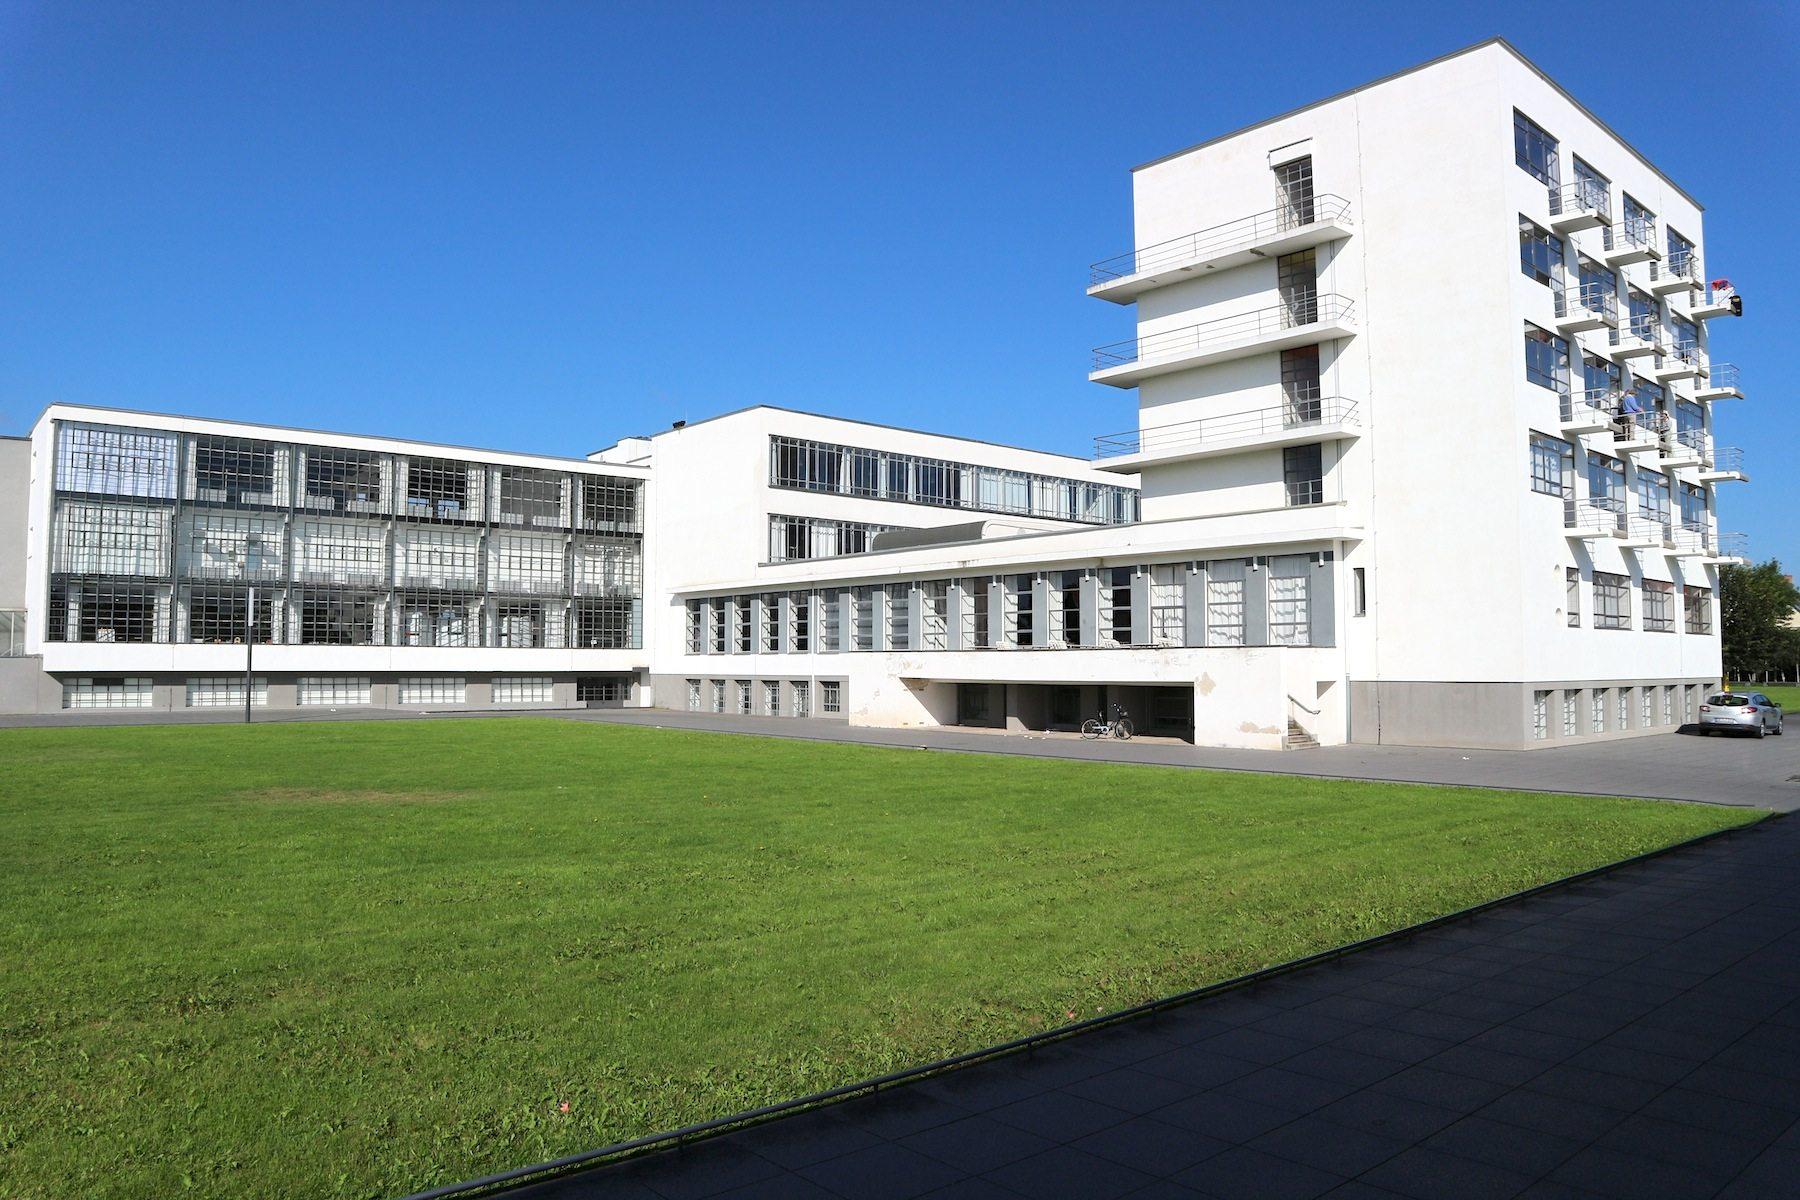 Ensemble. Die straßenabgewandte Seite des Bauhausgebäudes.